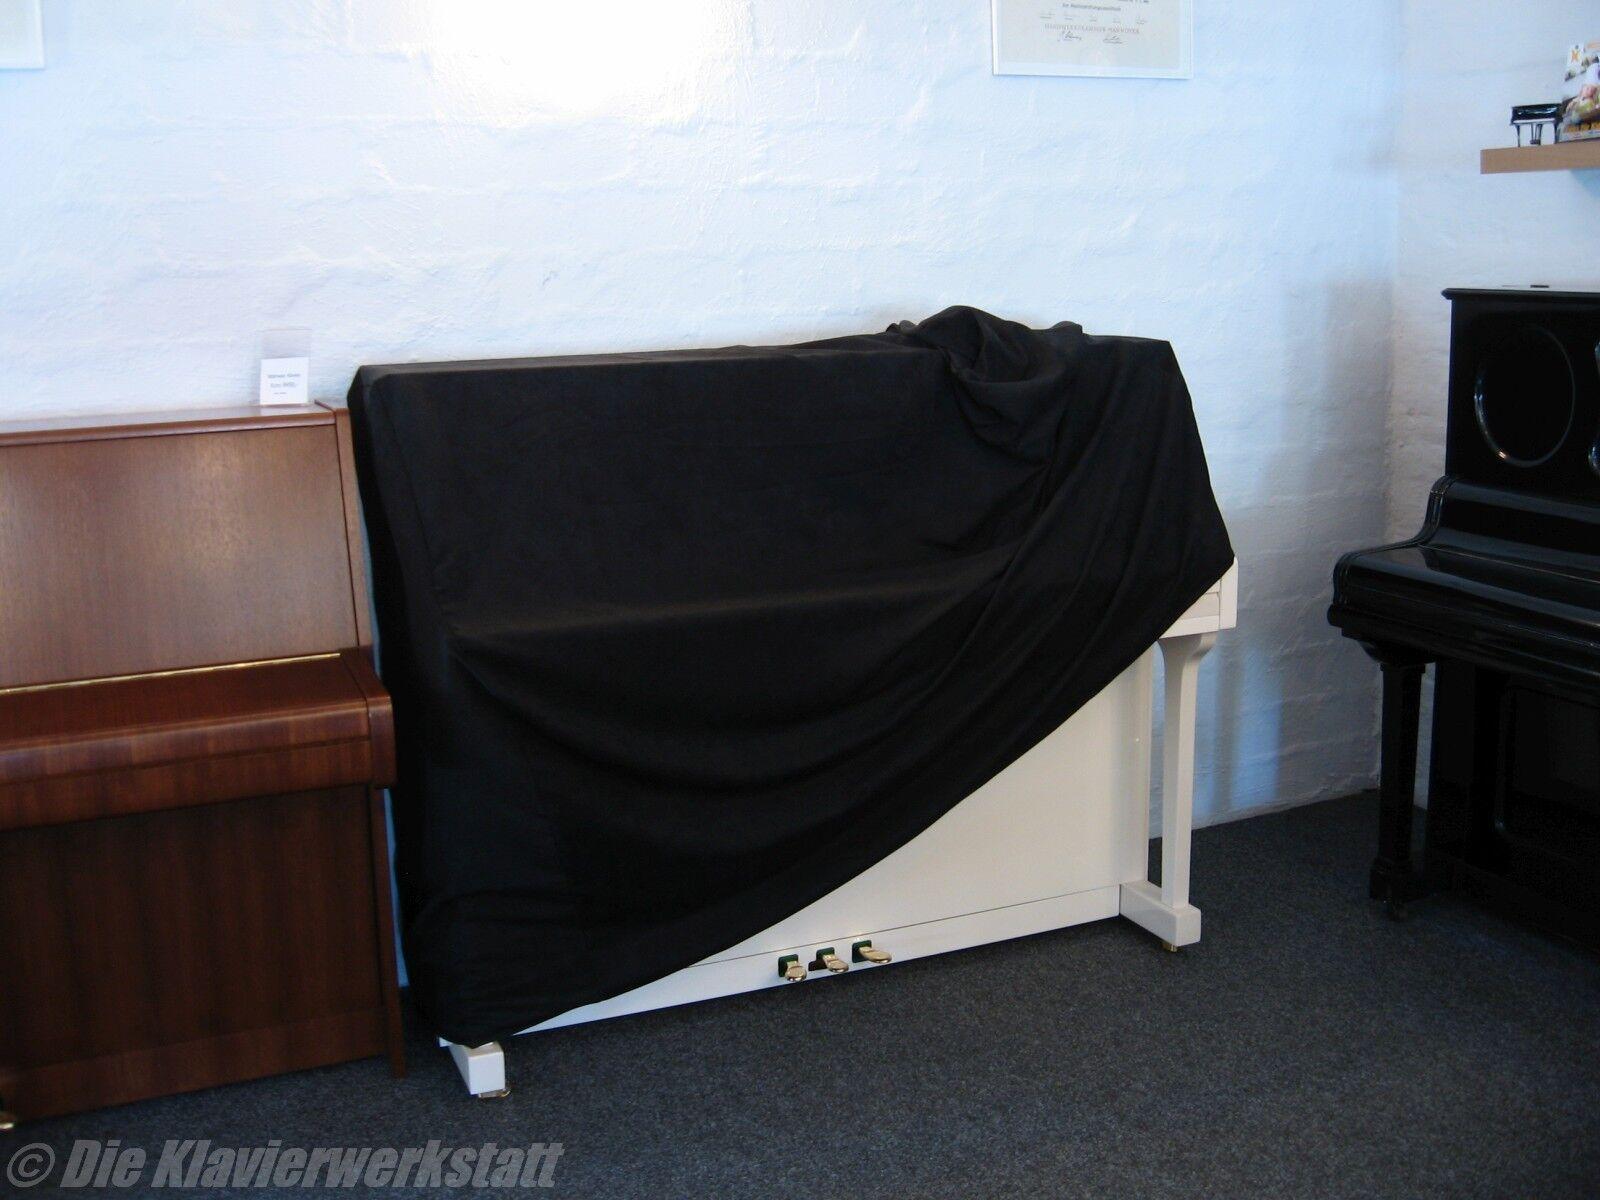 Klavier Decke Abdeckung Schutz Hülle schwarz Stoff schön